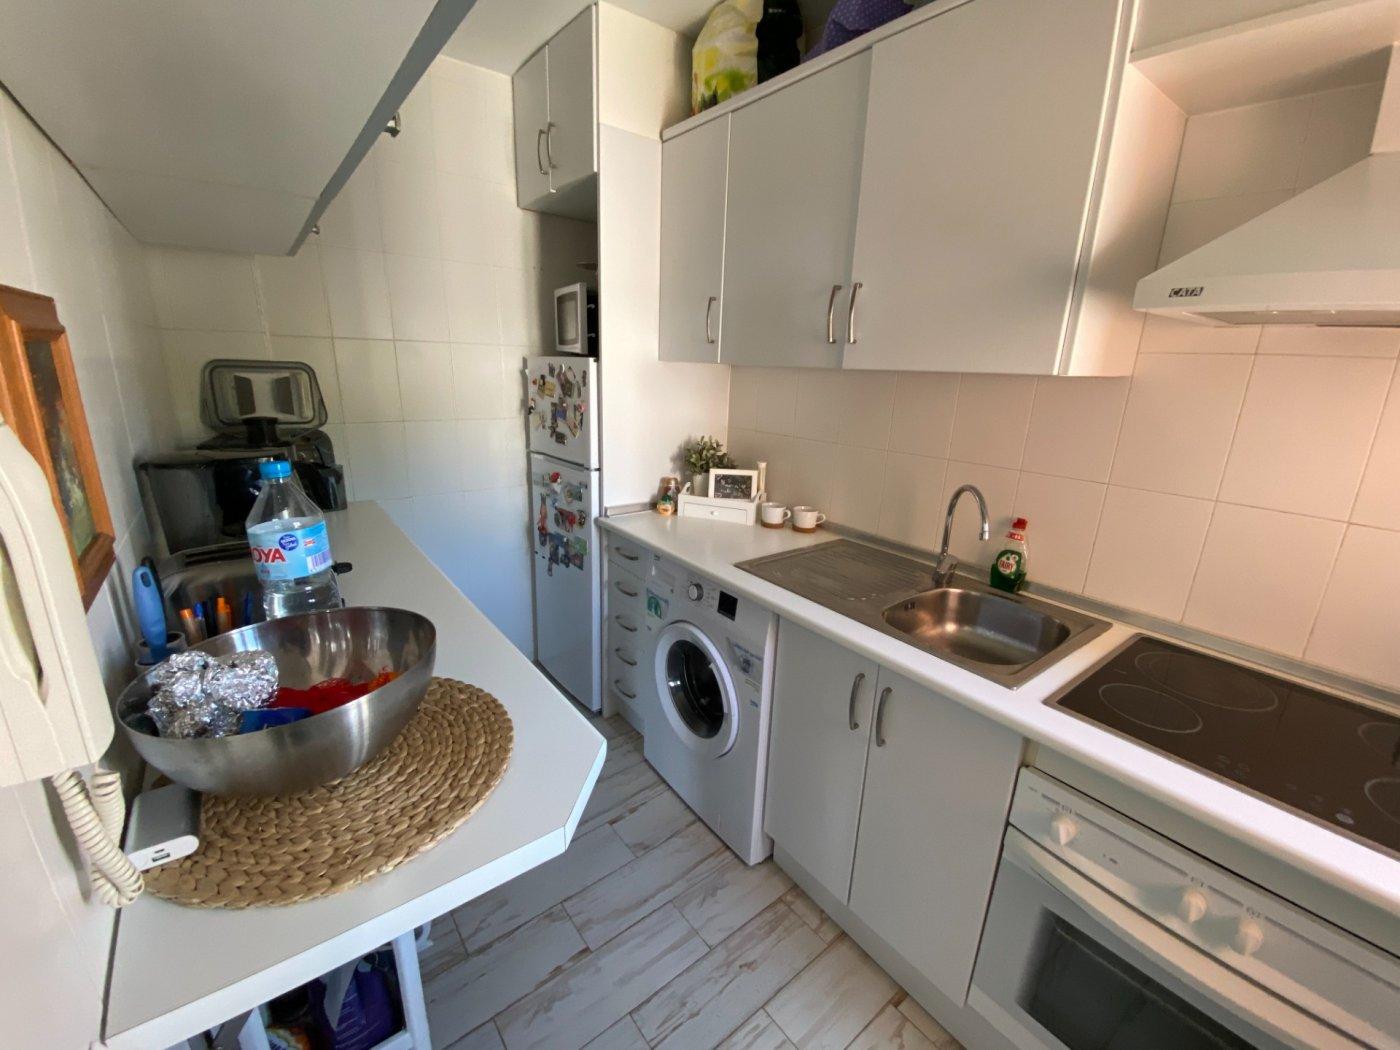 Alquiler con opcion de compra!espectacular apartamento con vistas al mar y parking propio - imagenInmueble7